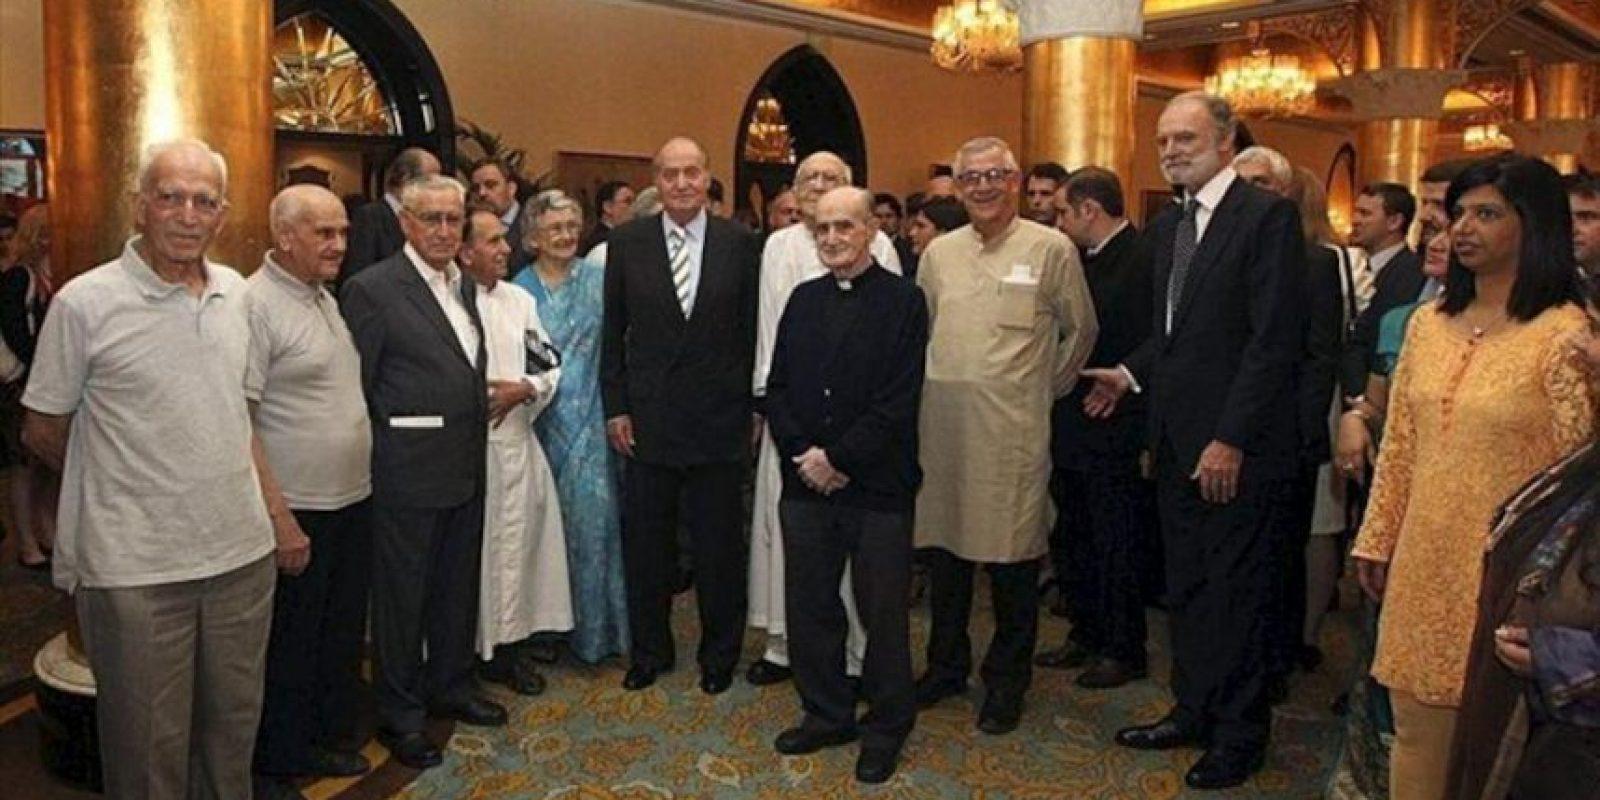 Fotografía facilitada por la Casa de S.M. el Rey, de don Juan Carlos, durante la recepción a unos 200 representantes de la colonia de residentes españoles en Bombay, donde el monarca inicia hoy una visita oficial a la India que también le llevará a Nueva Delhi. EFE